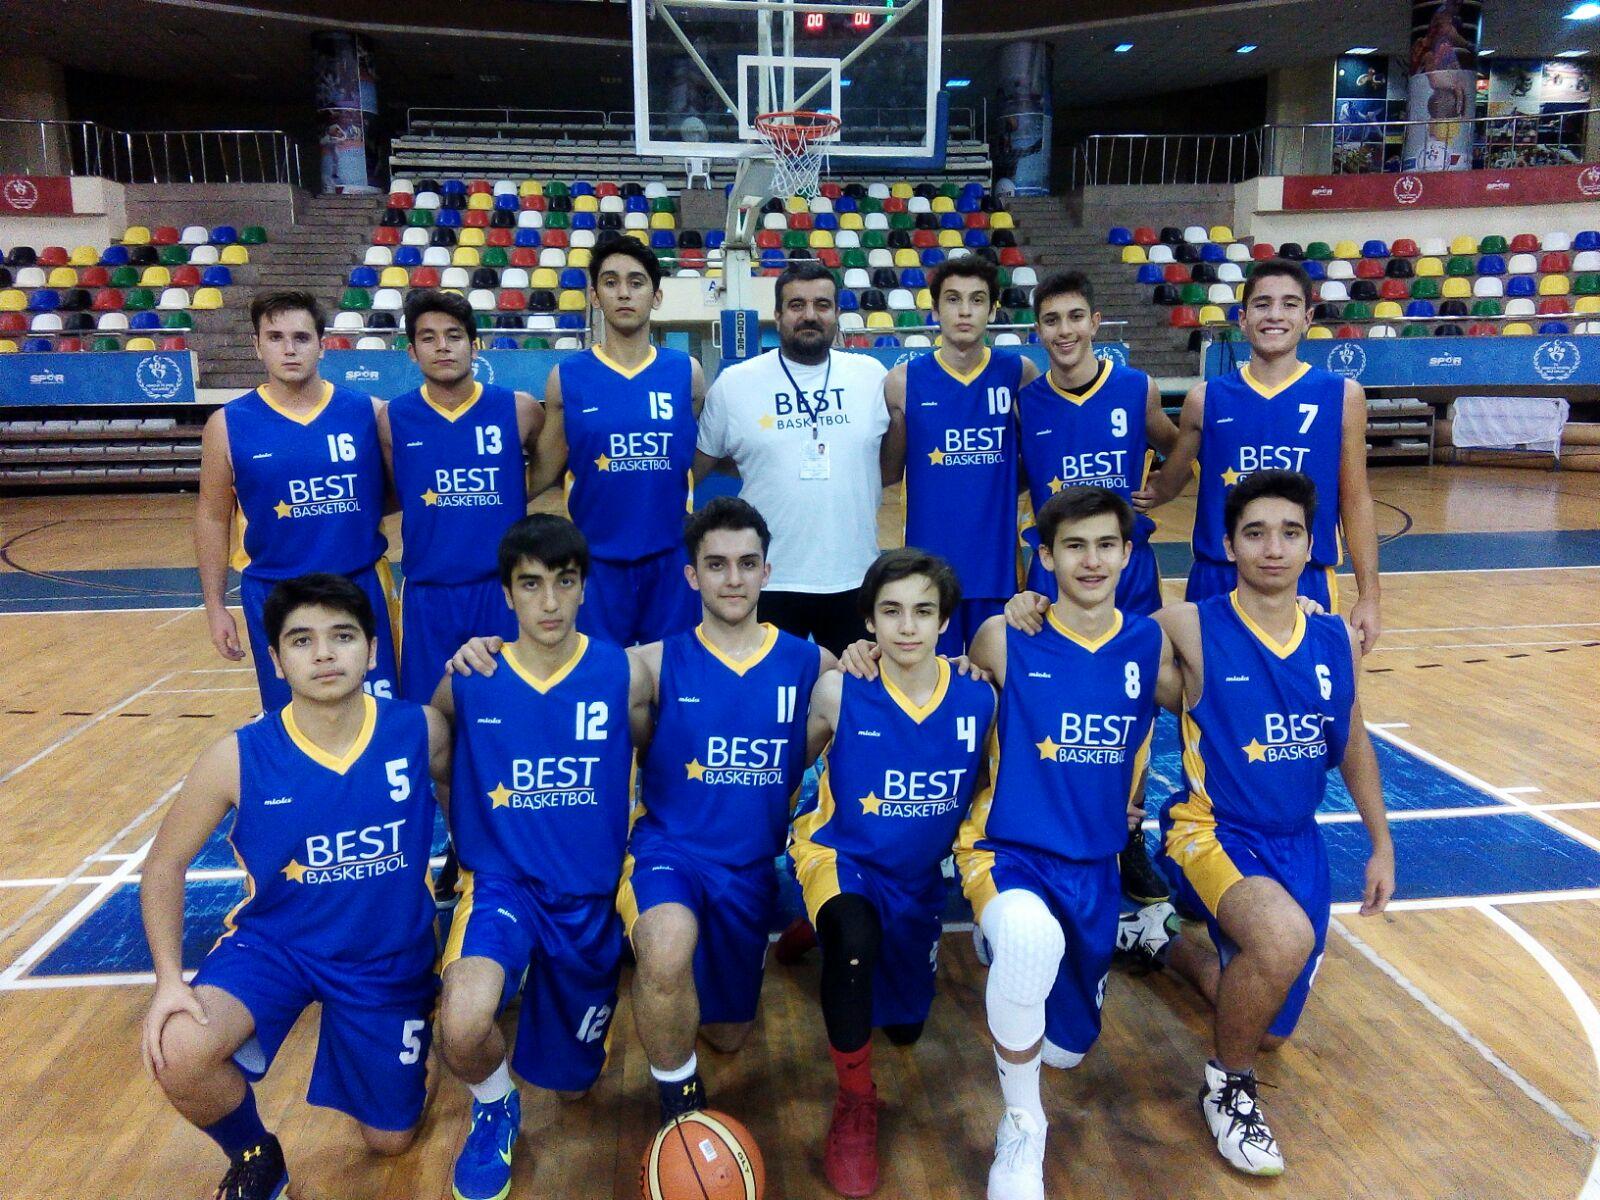 Best Basketbol U18 Takımı Bahçelievler